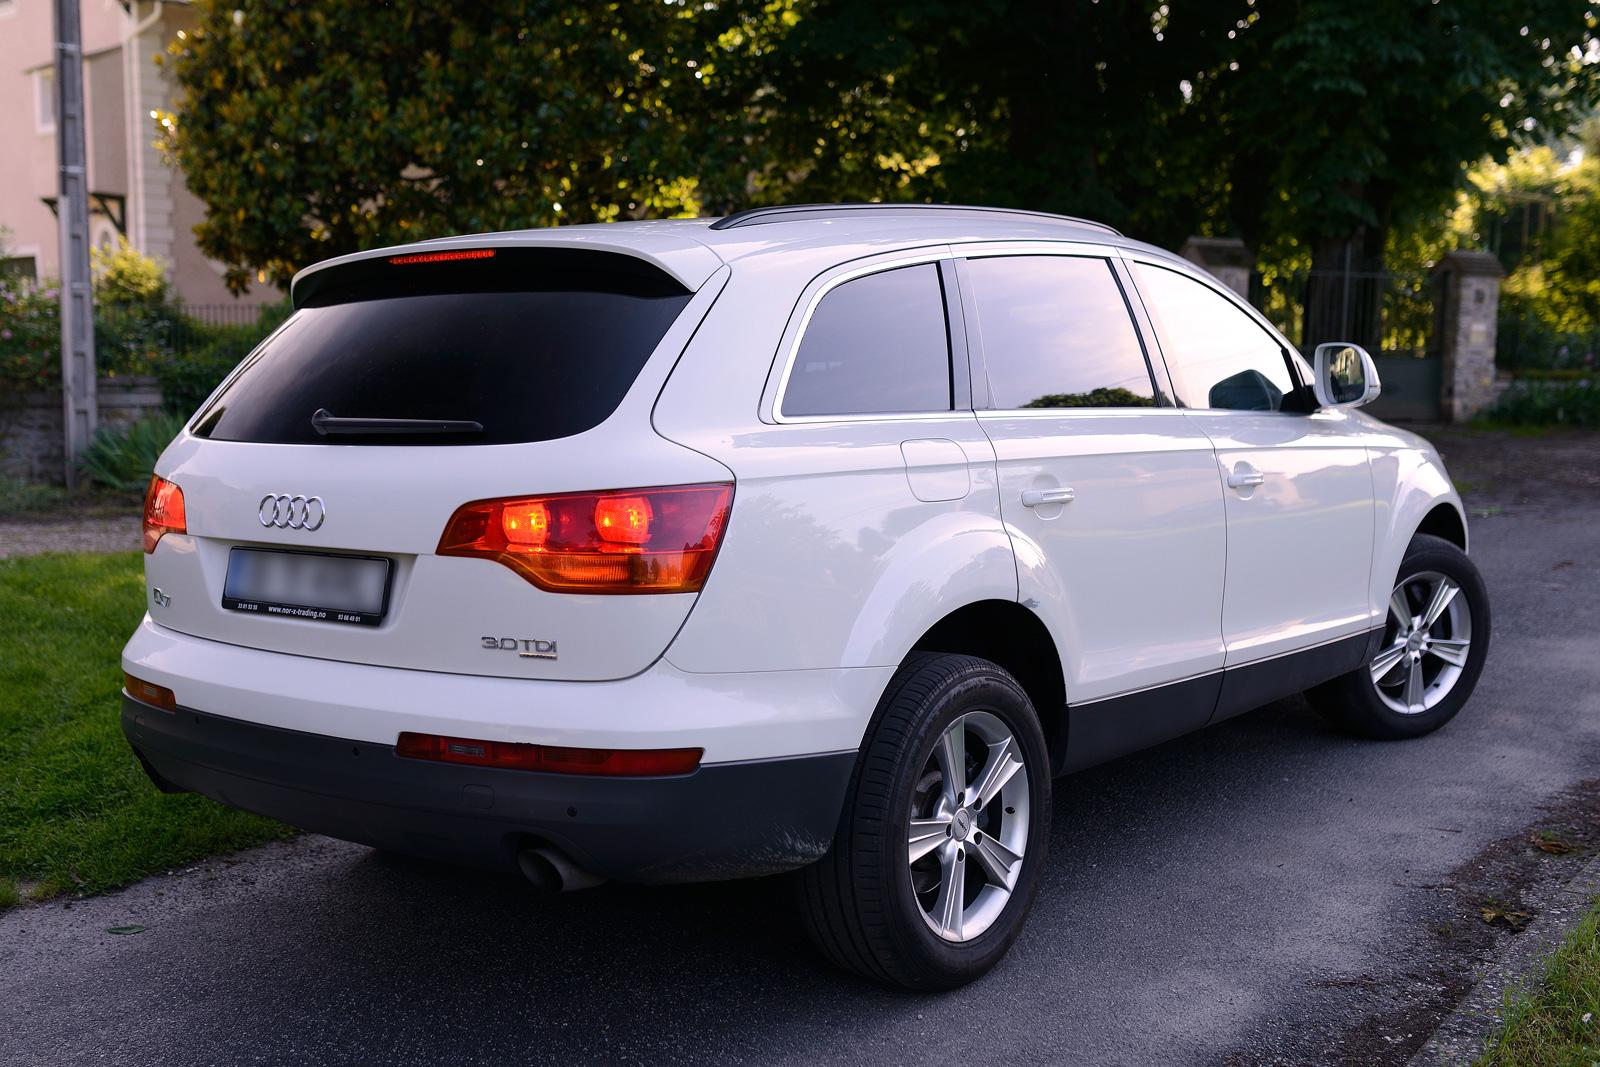 Audi-Q7-Vente-Voitures-2.jpg